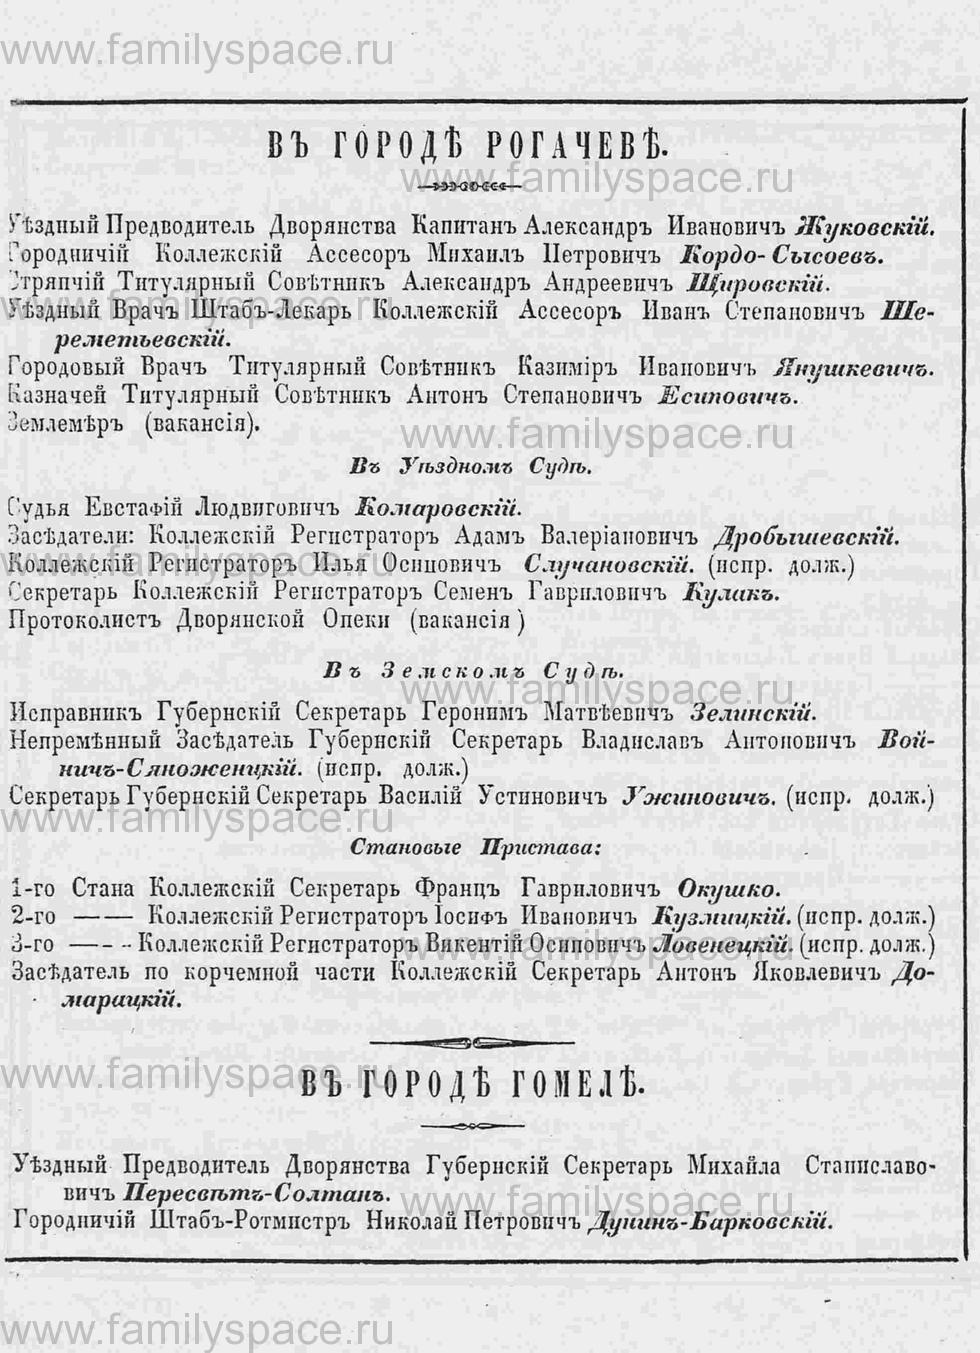 Поиск по фамилии - Памятная книга за 1853 год по Могилёвской губернии, страница 18